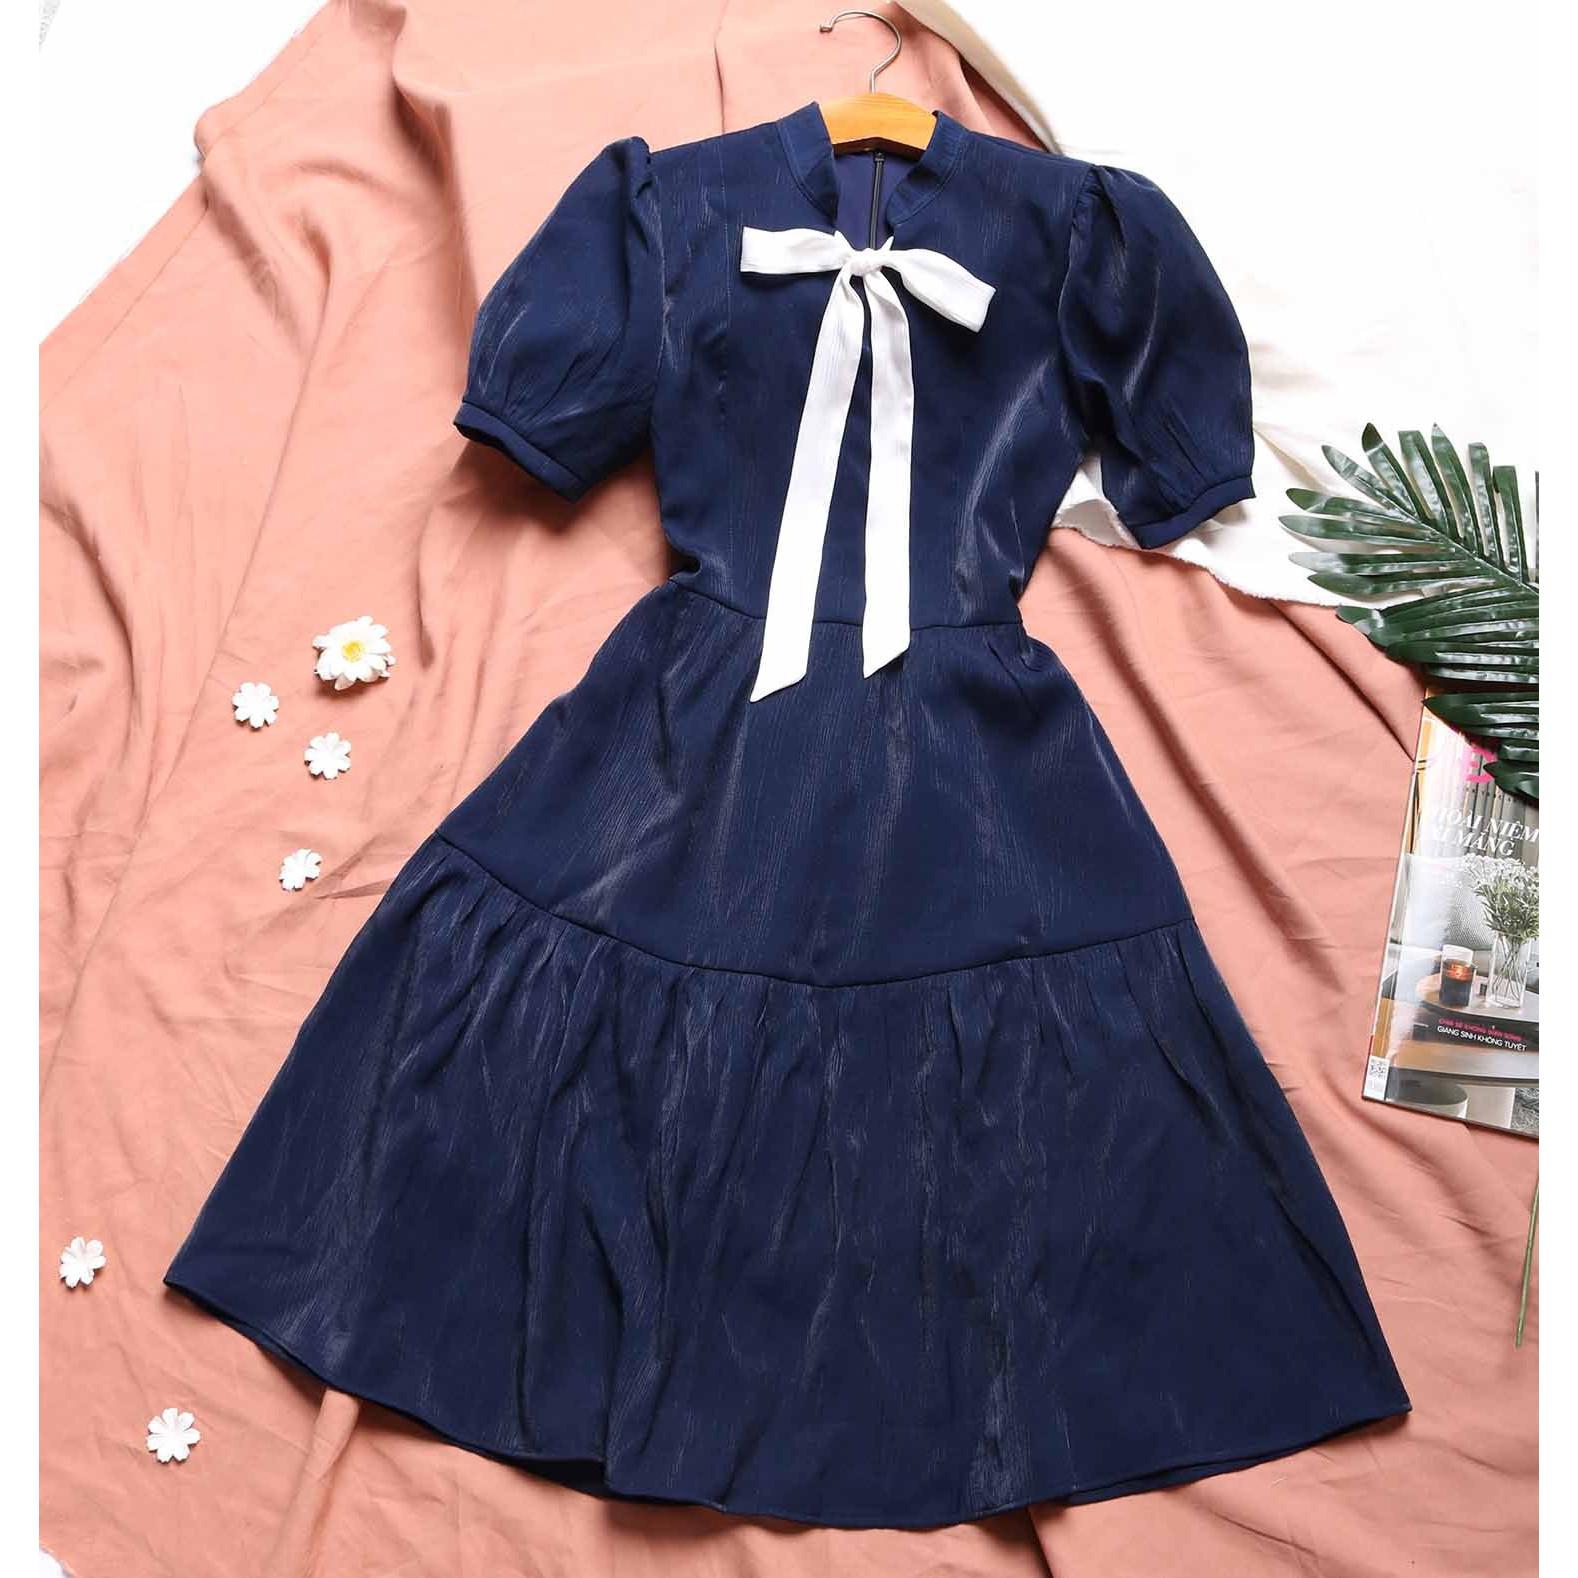 Đầm xanh đen phong cách tiểu thư thanh lịch SIÊU HOT may 2 lớp